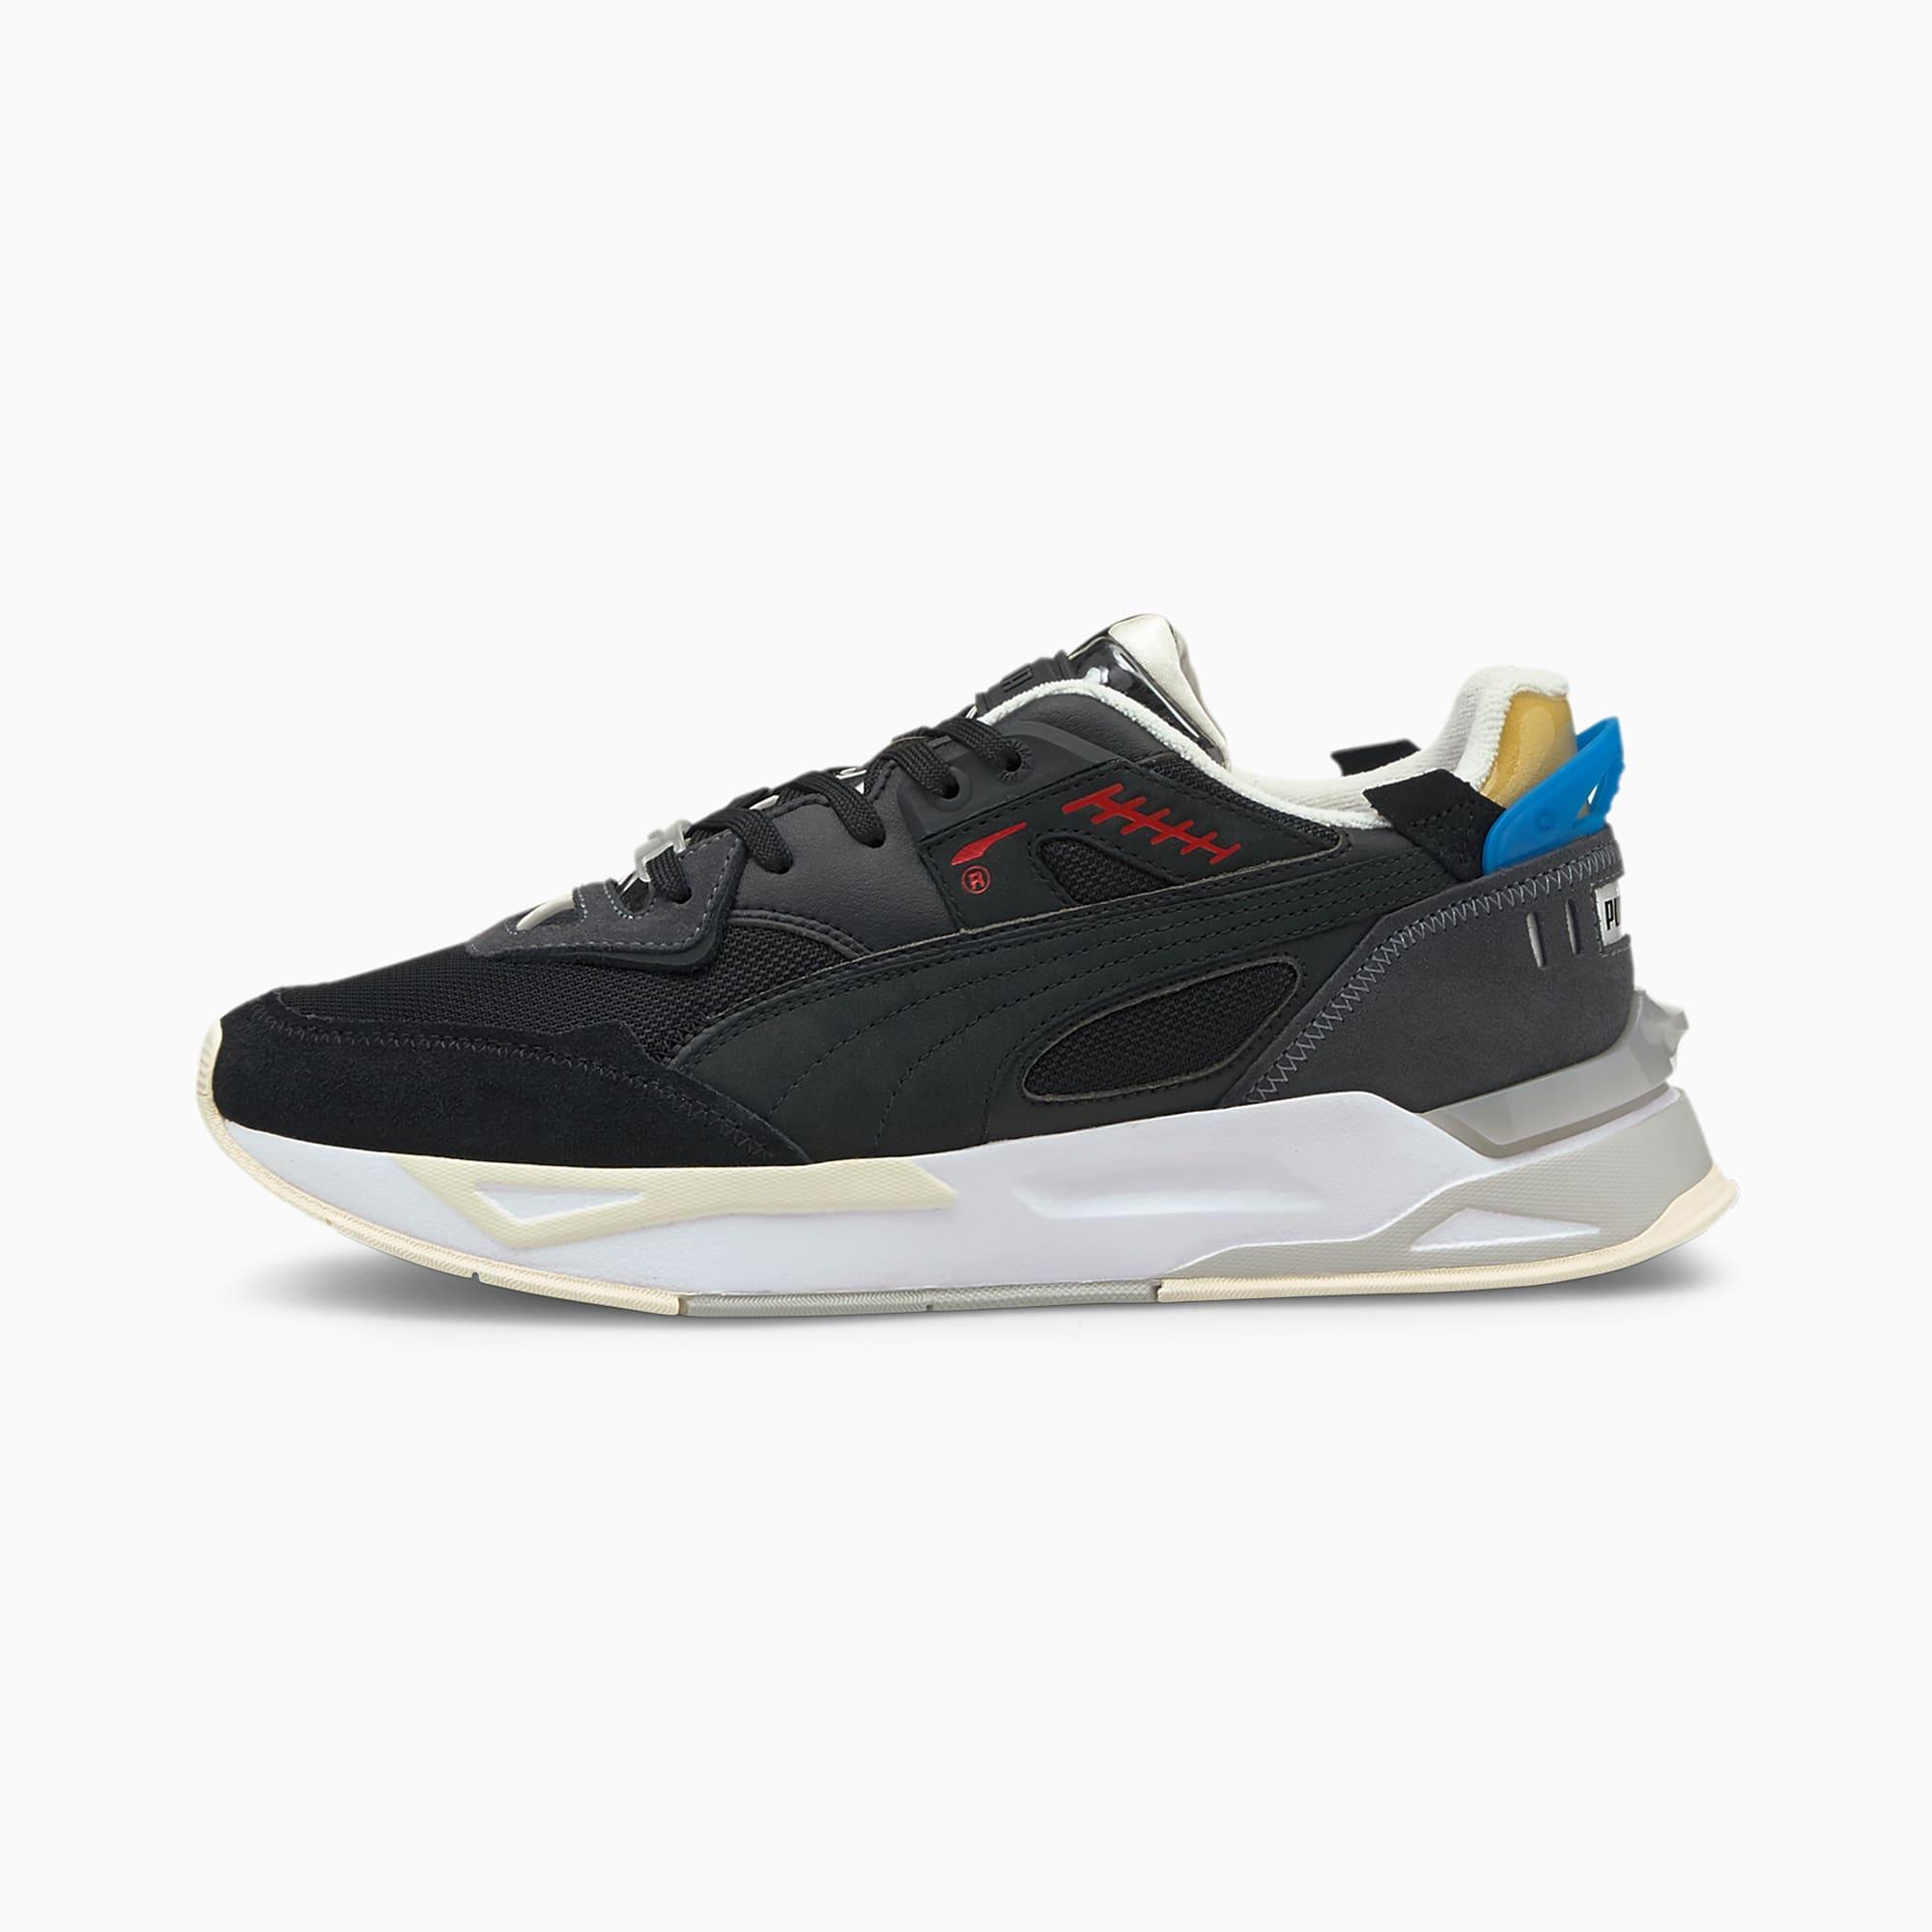 Mirage Sport Men's Sneakers